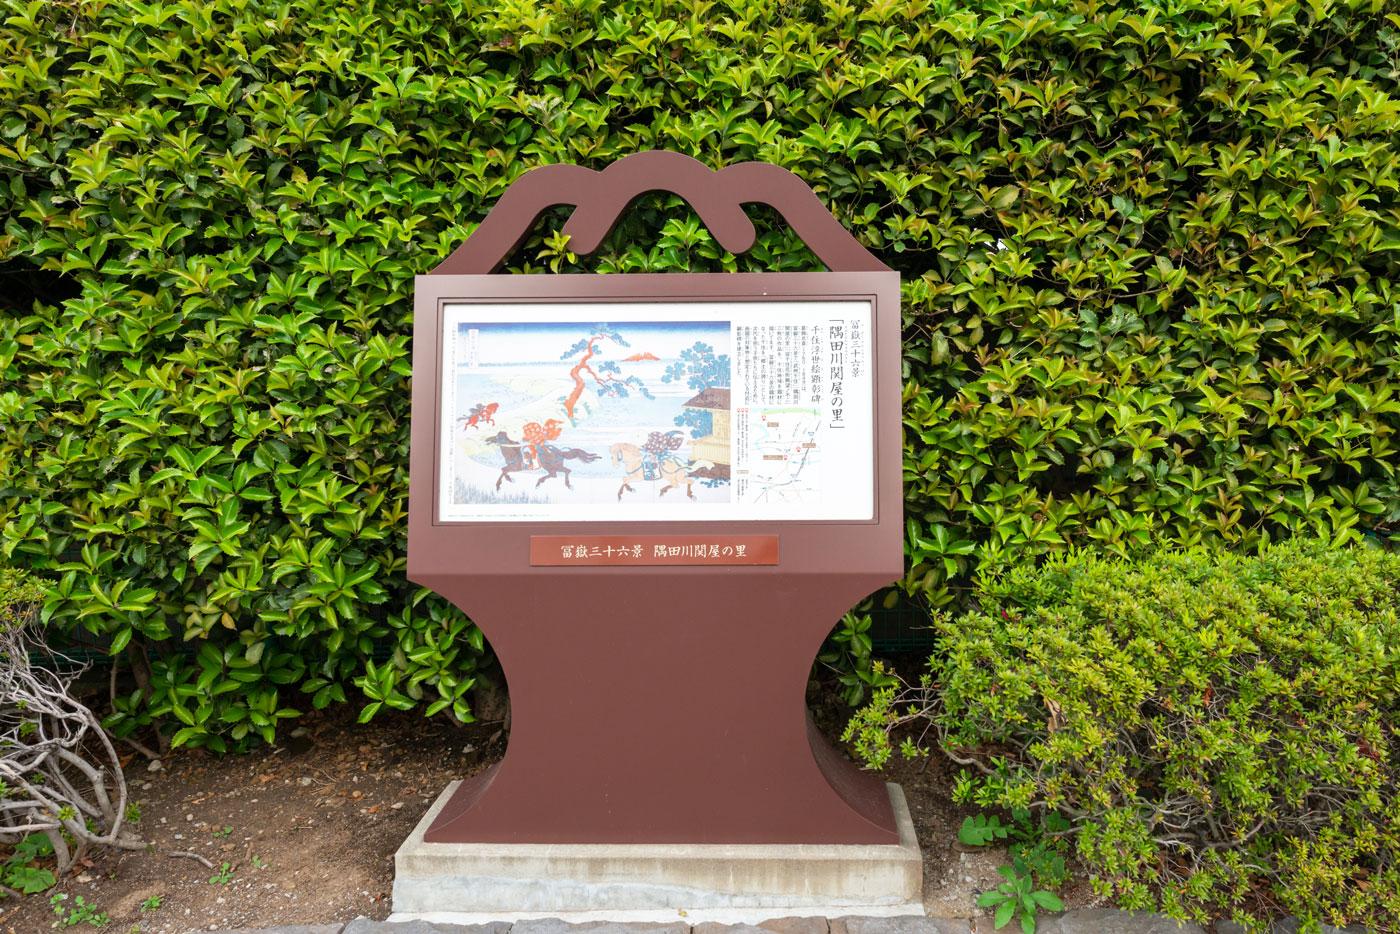 千住仲町公園の「千住浮世絵顕彰碑」(4m)